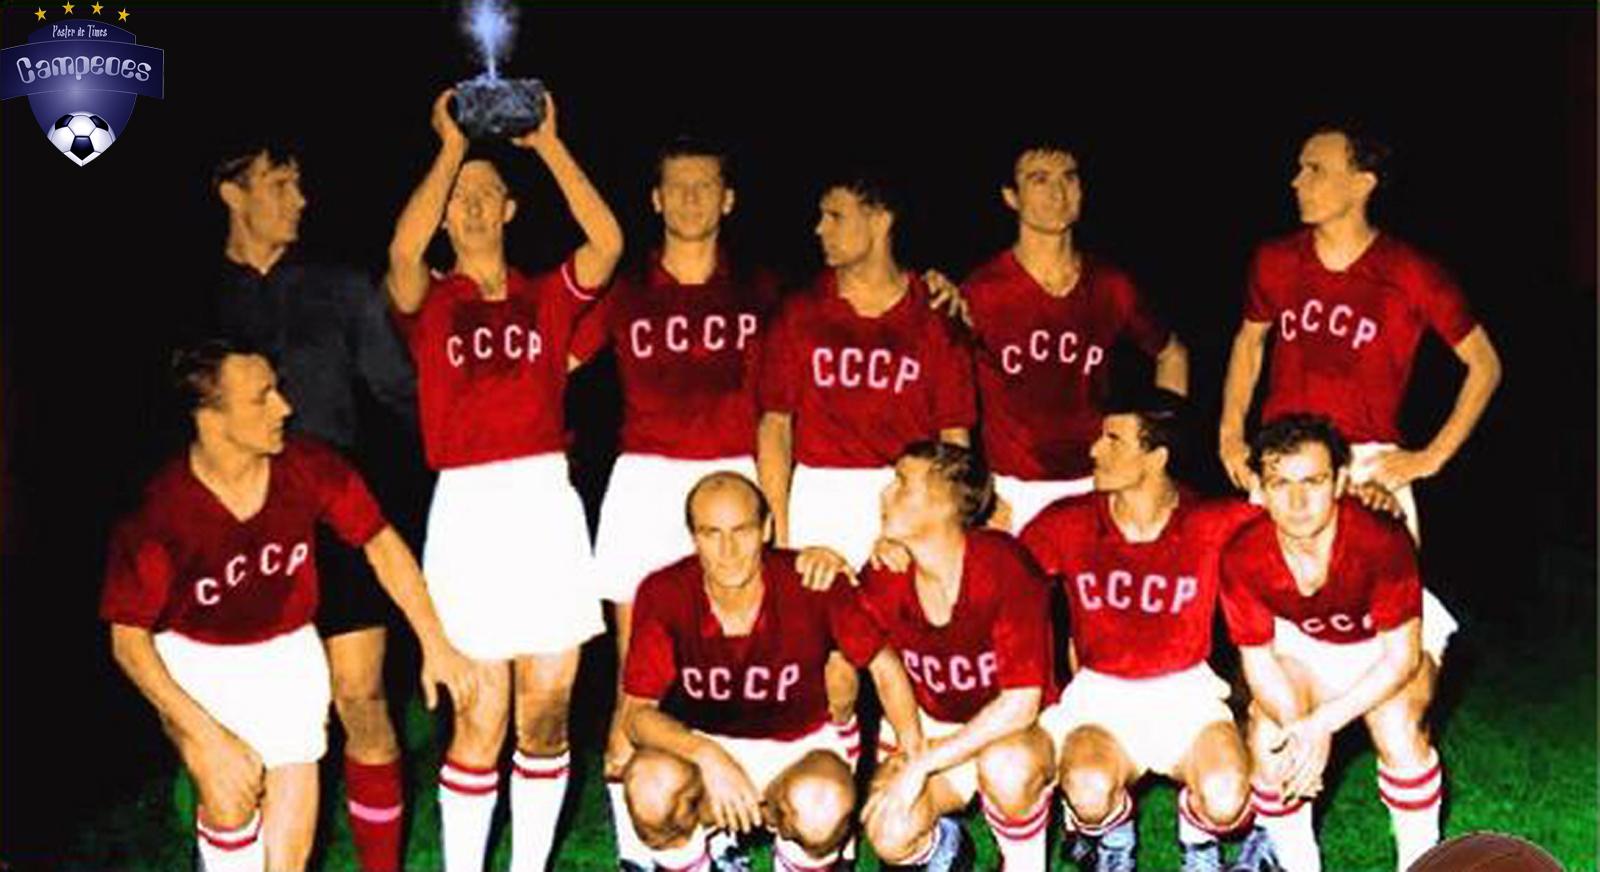 fa0bb7b856 Times Campeões  União Soviética Campeã da Eurocopa 1960